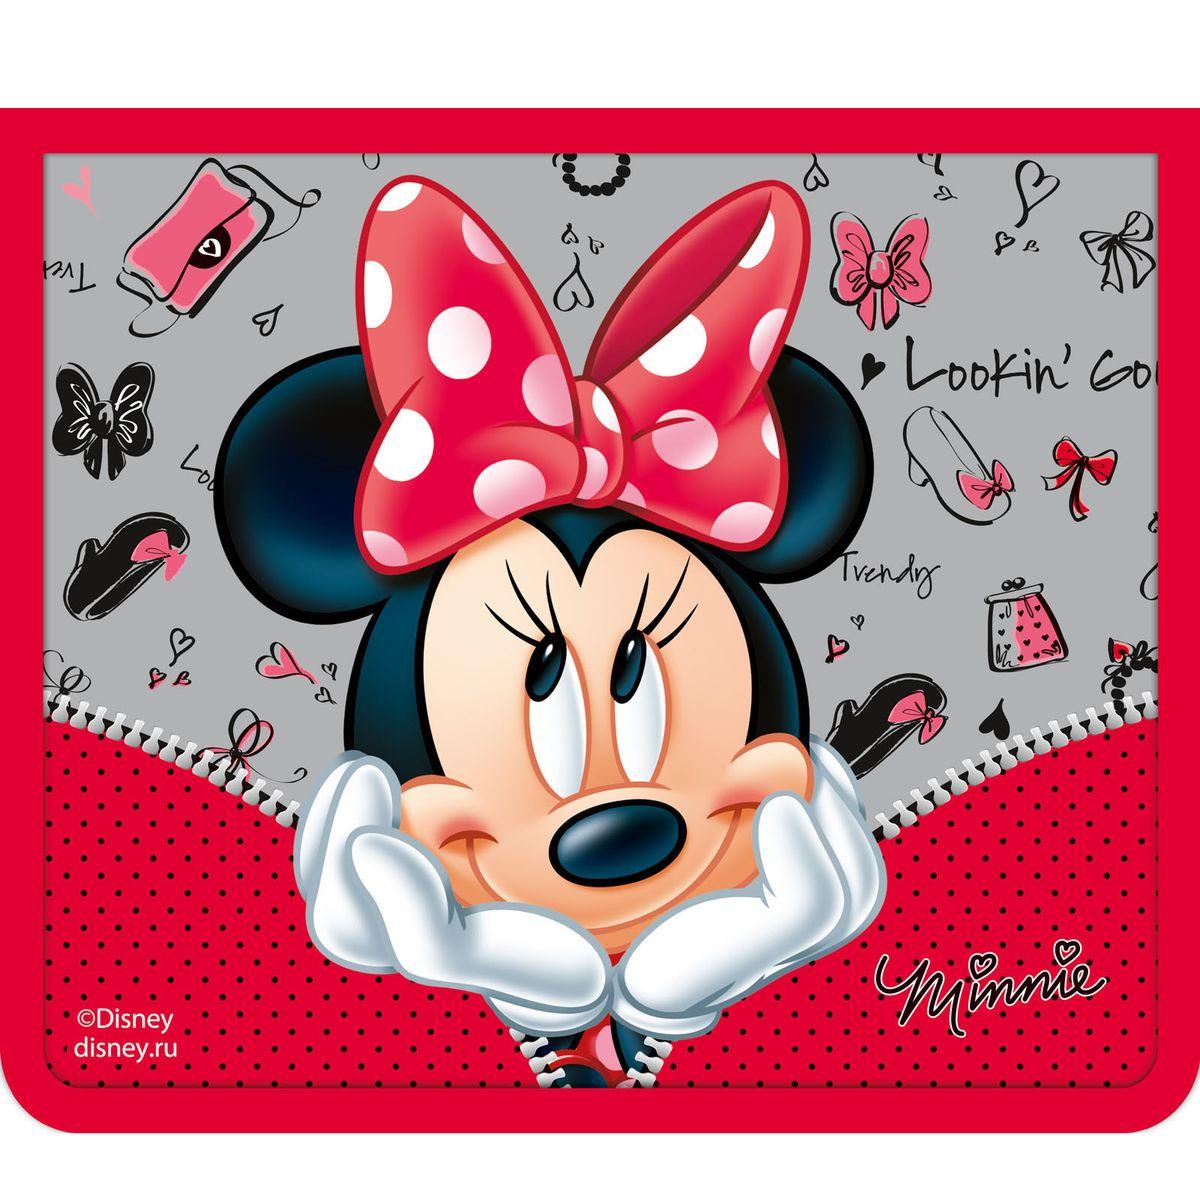 Disney Папка для тетрадей Минни цвет красный серый формат А5 29389